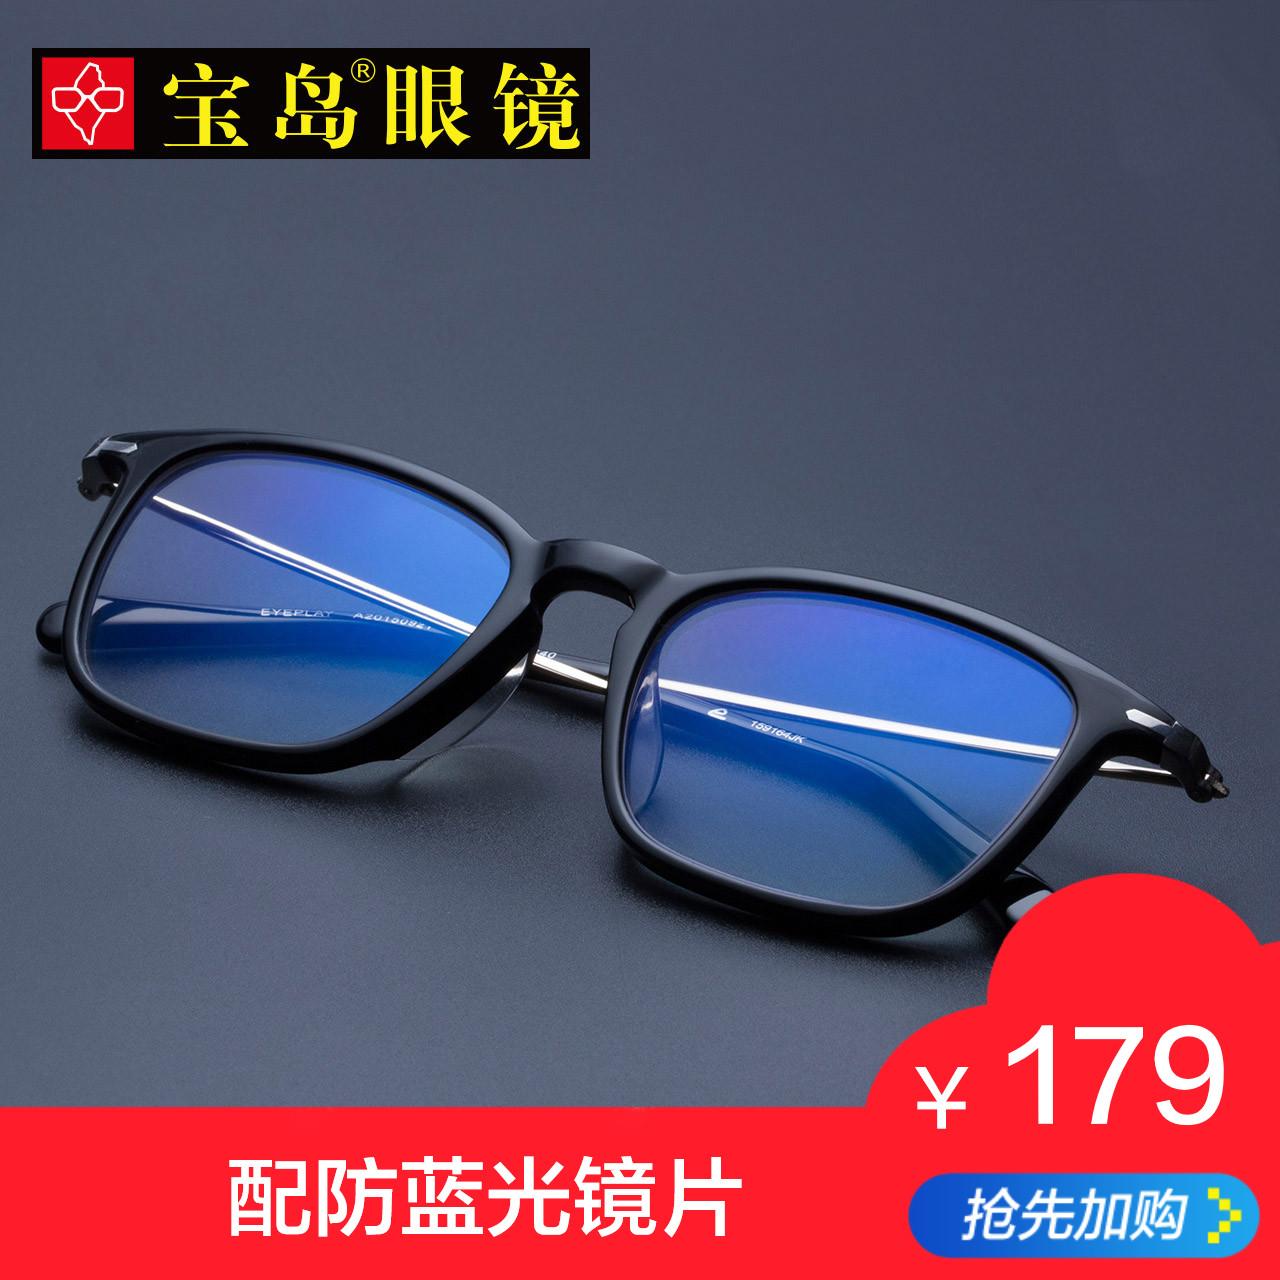 宝岛 eyeplay A20150921 中性款防蓝光近视镜+1.56防蓝光镜片